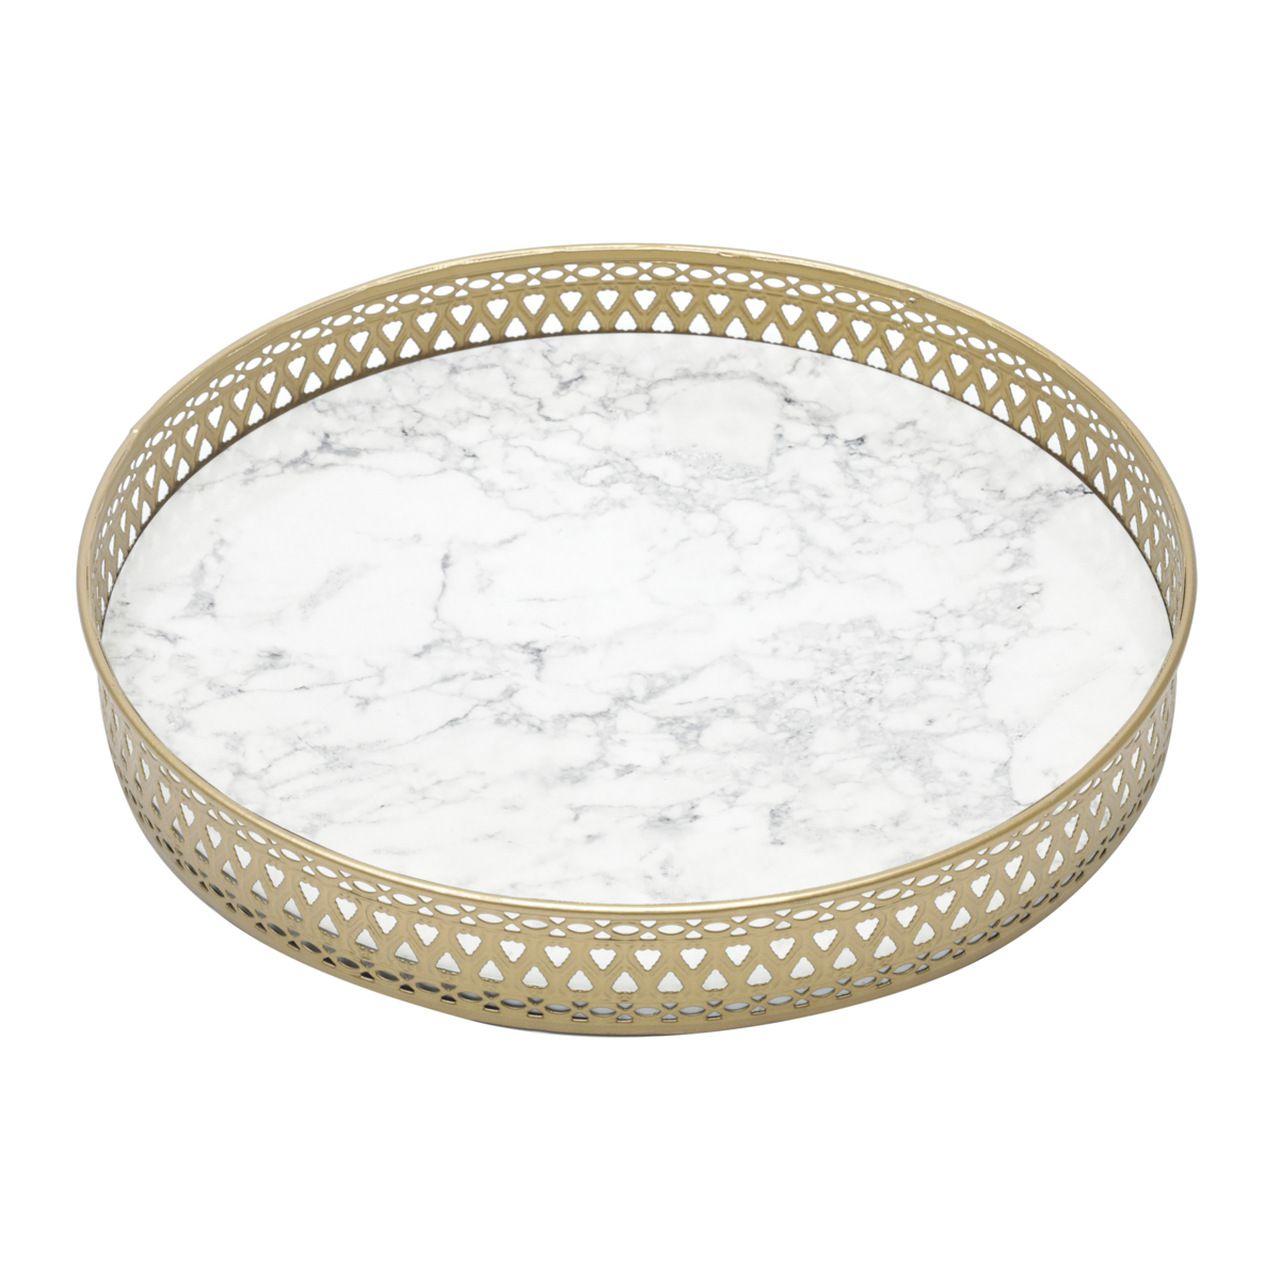 Bandeja Madeira Metalround Shape Marble Branco E Dourado